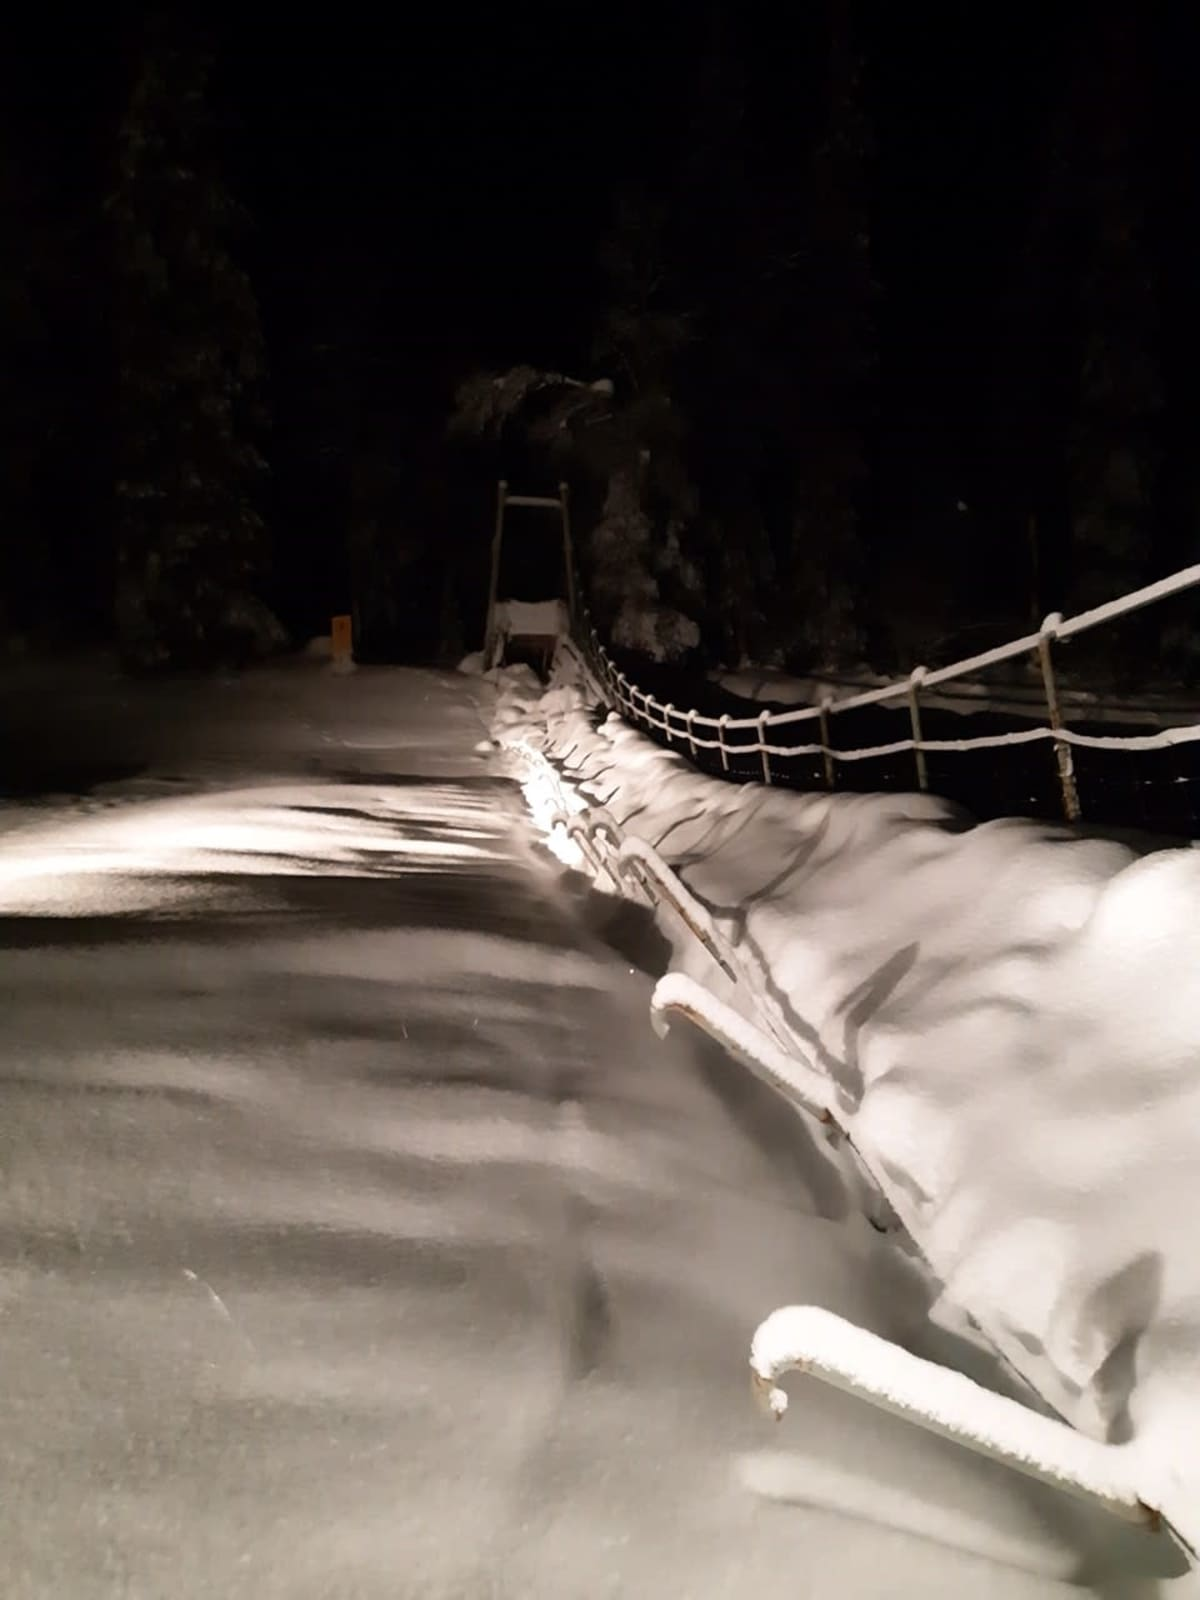 Lumen painosta talvella 2020 romahtanut Nuorttijoen riippusilta Urho Kekkosen kansallispuistossa.